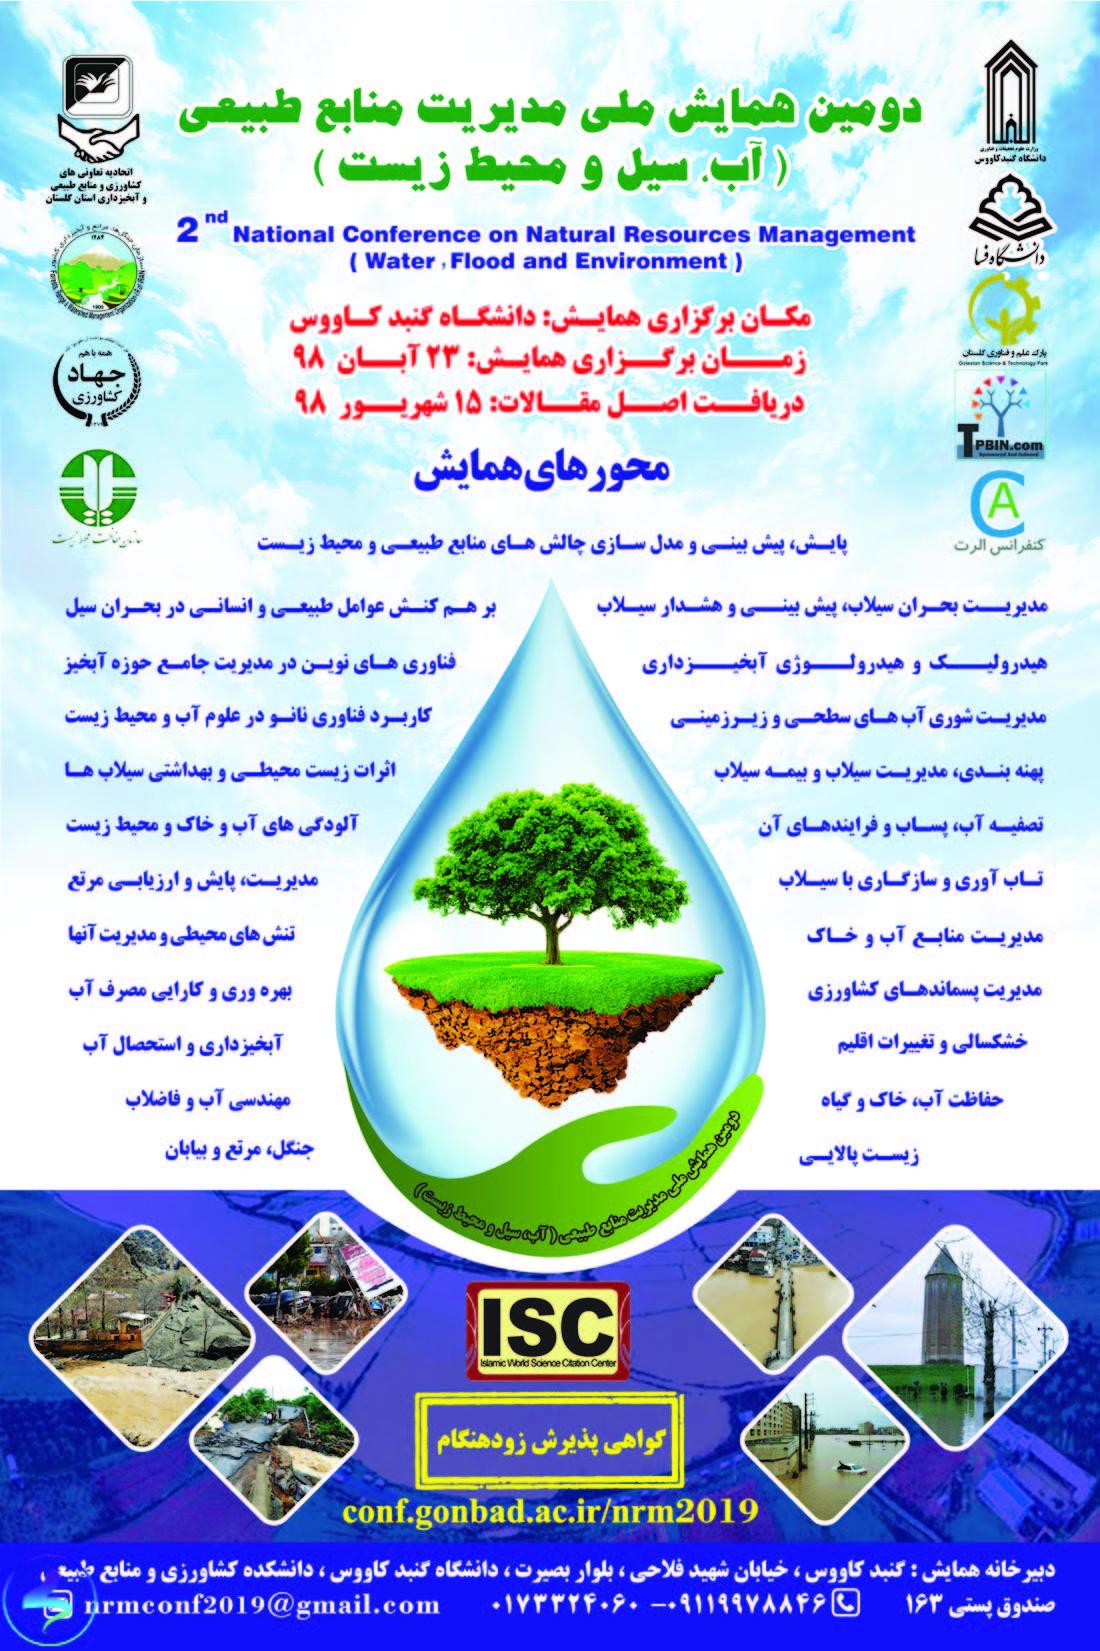 دومین همایش مدیریت منابع طبیعی (آب، سیل و محیط زیست)